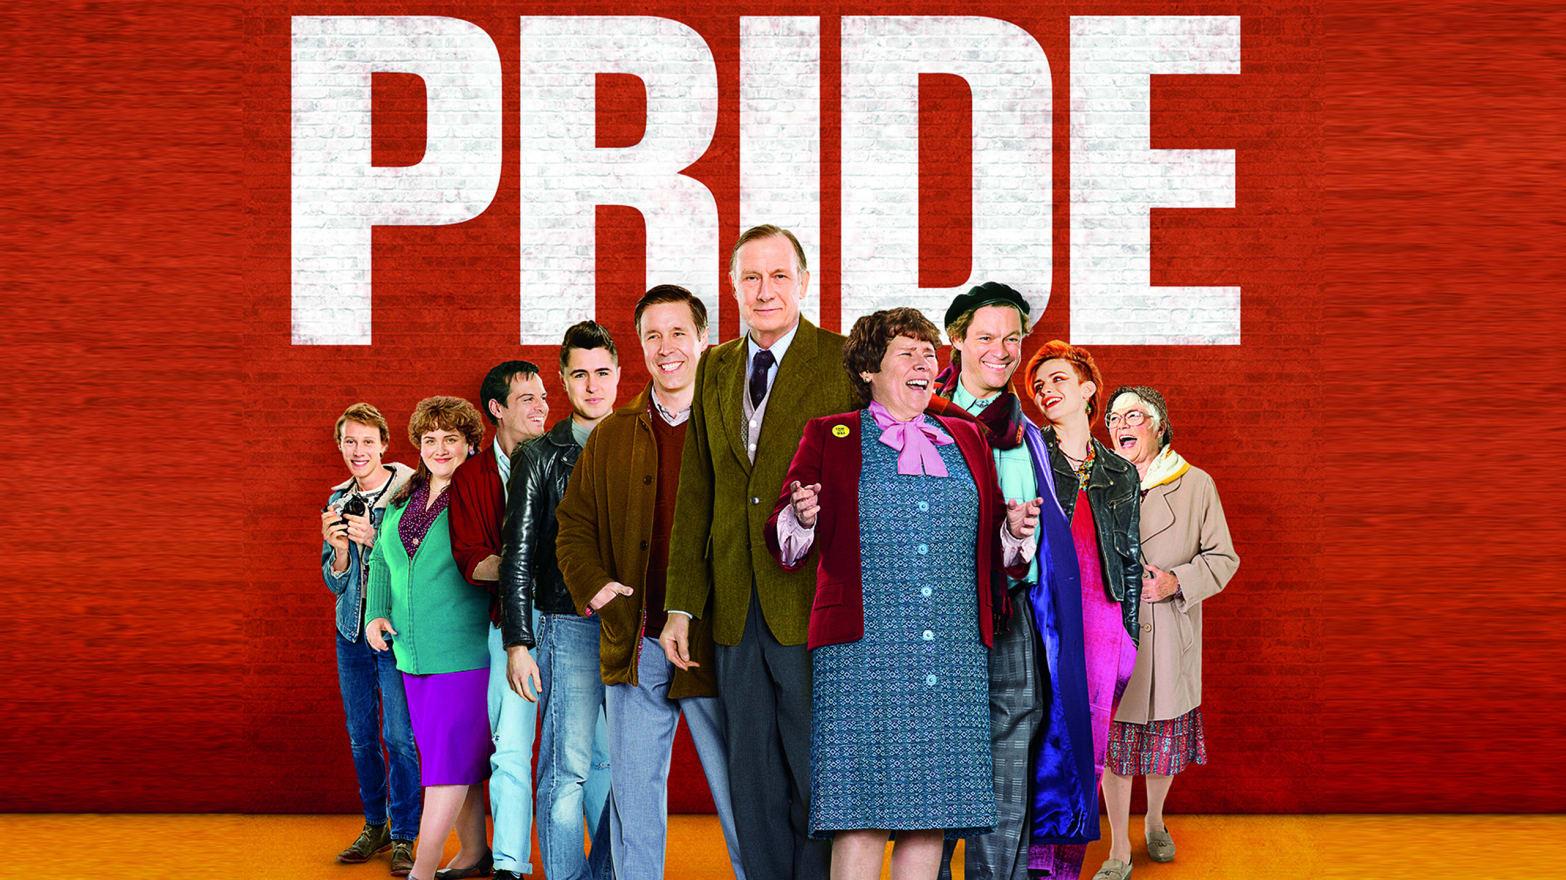 Bildresultat för pride film